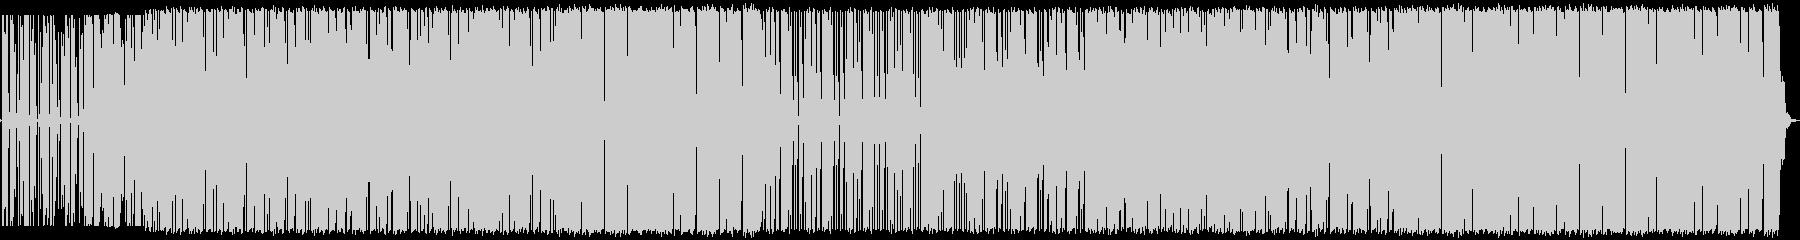 レトロなディスコサウンドBGMの未再生の波形